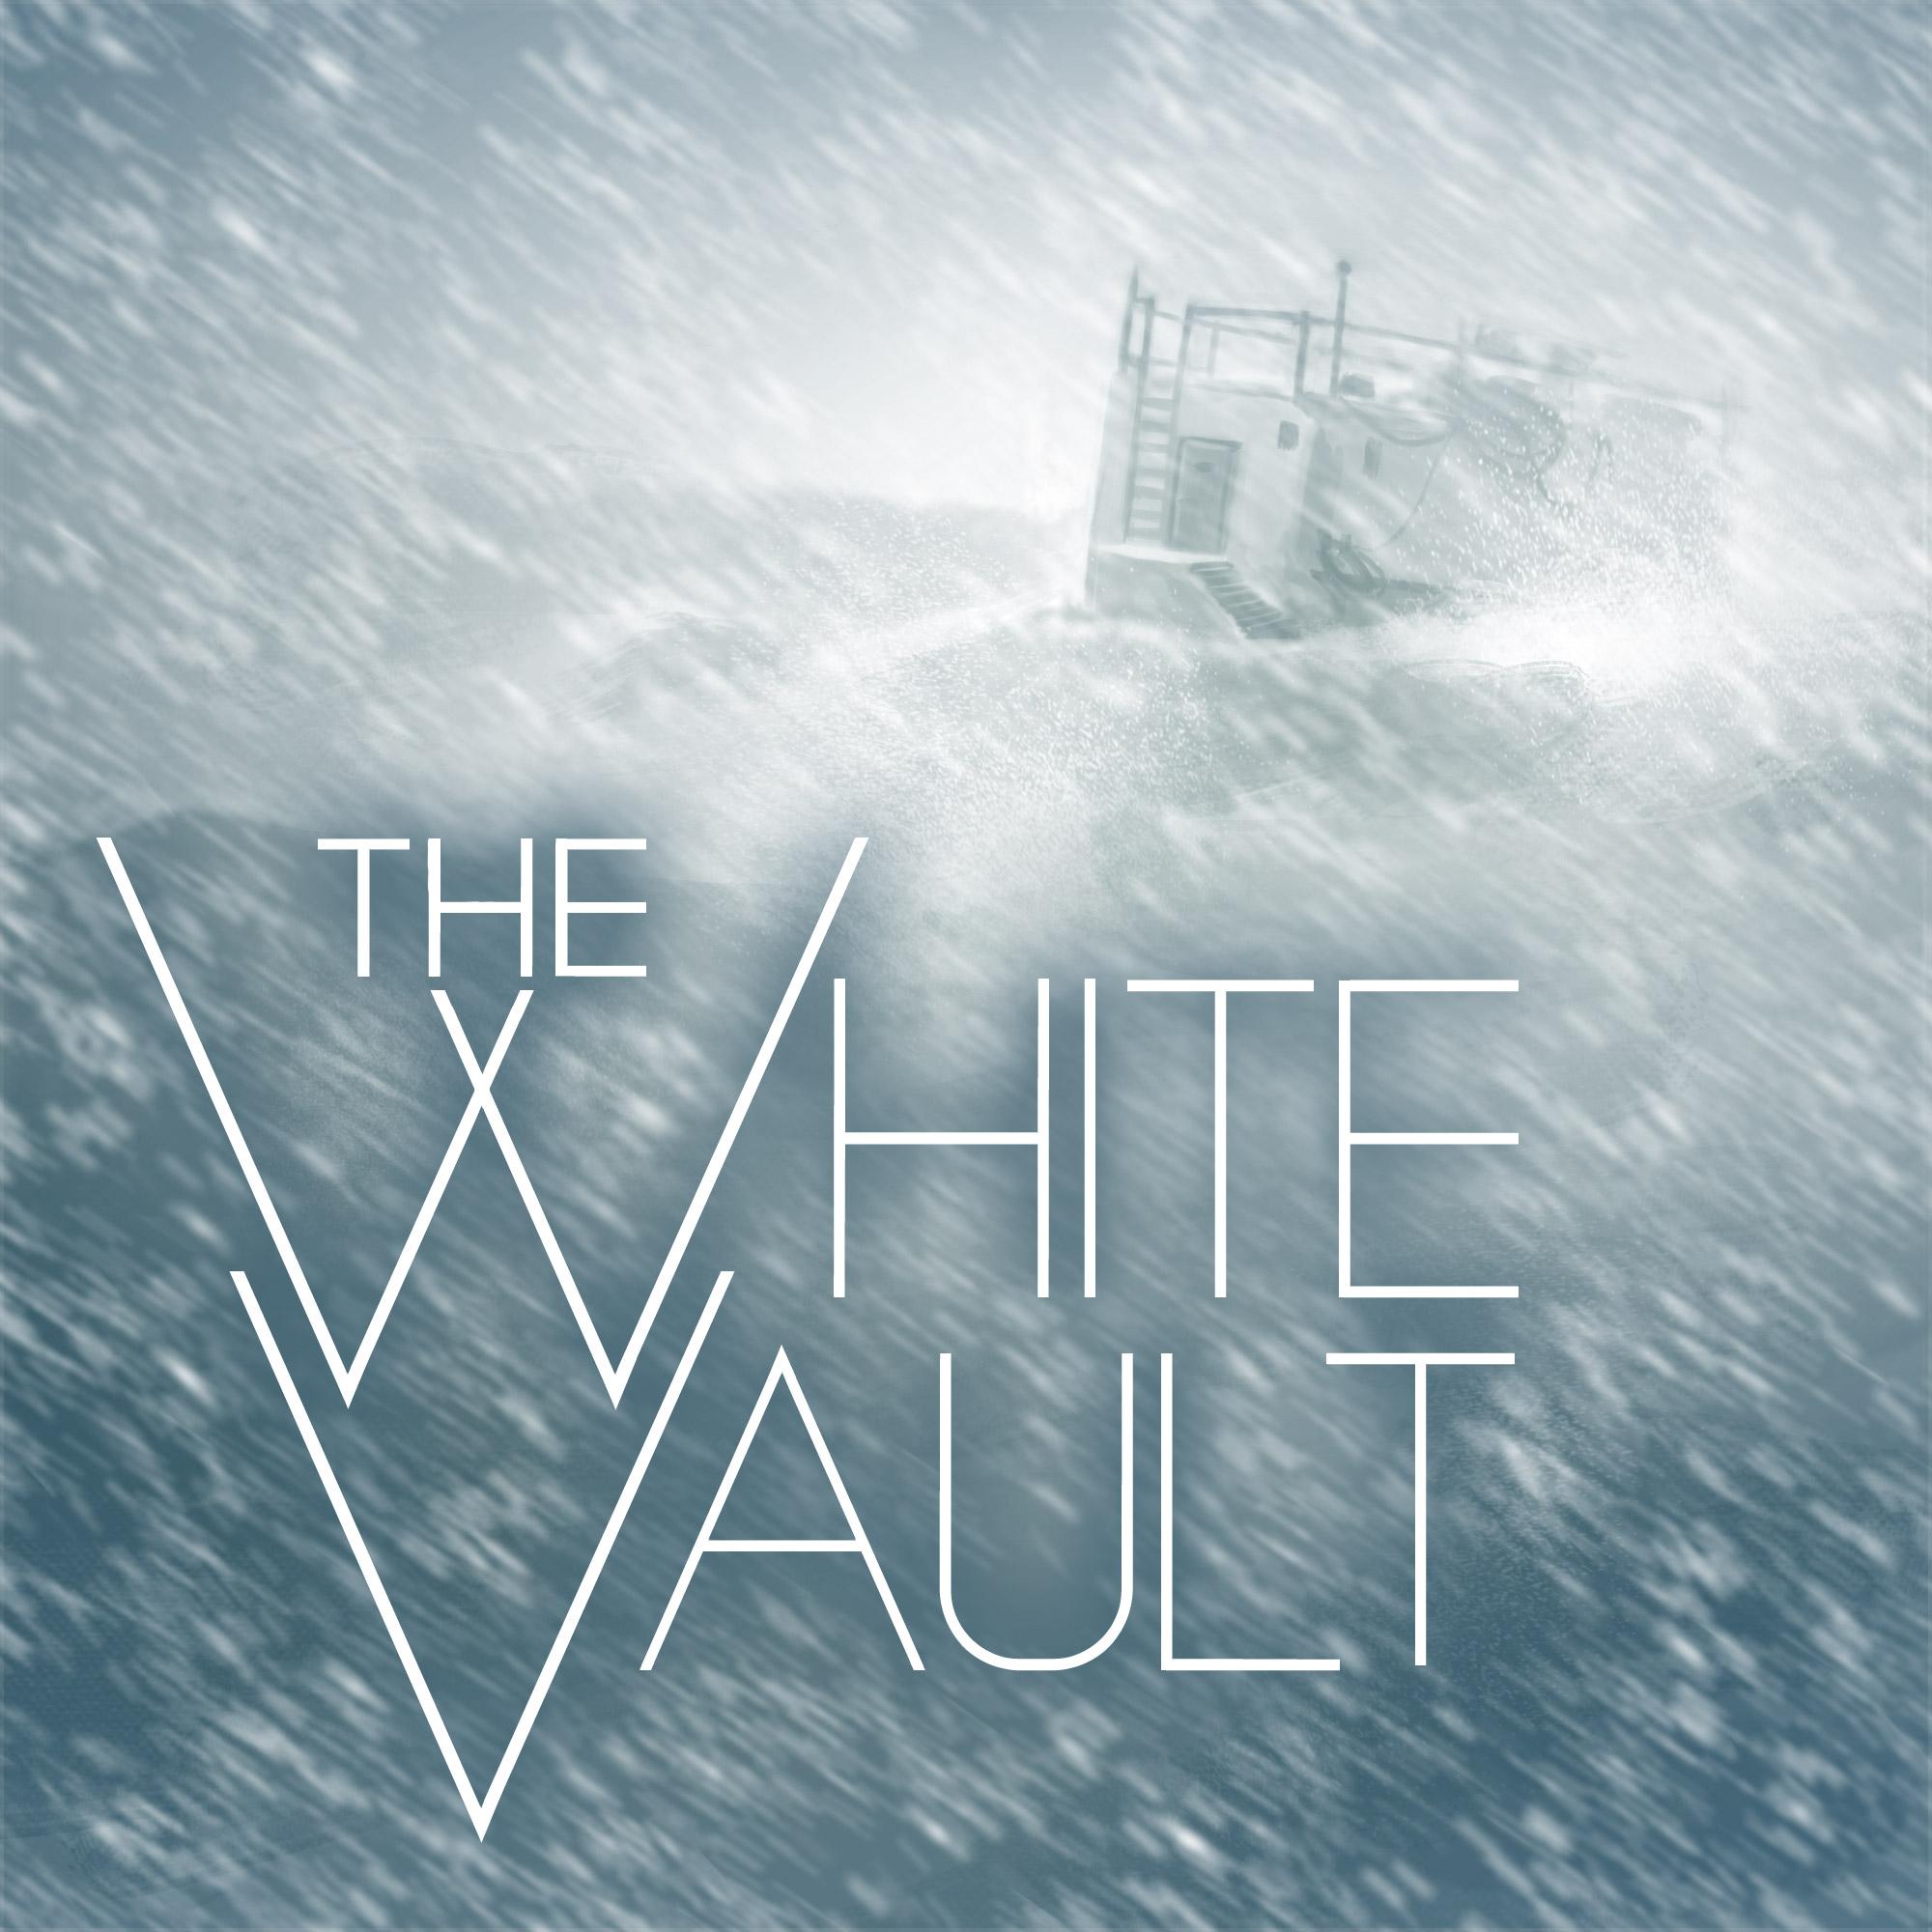 Artwork for White Vault Teaser